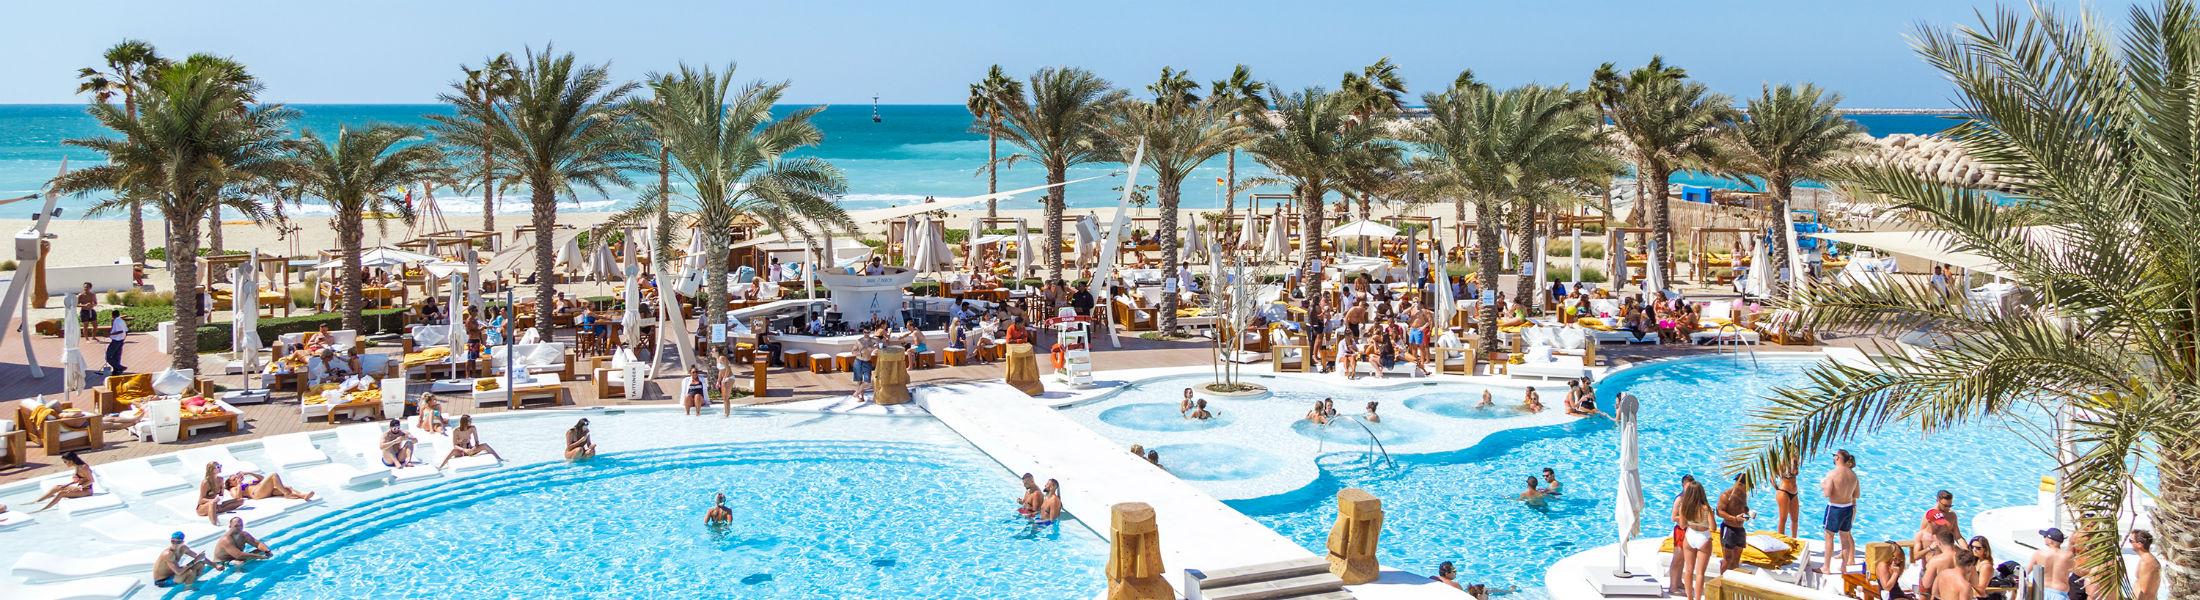 Beach Club at the Nikki Beach Resort & Spa Dubai